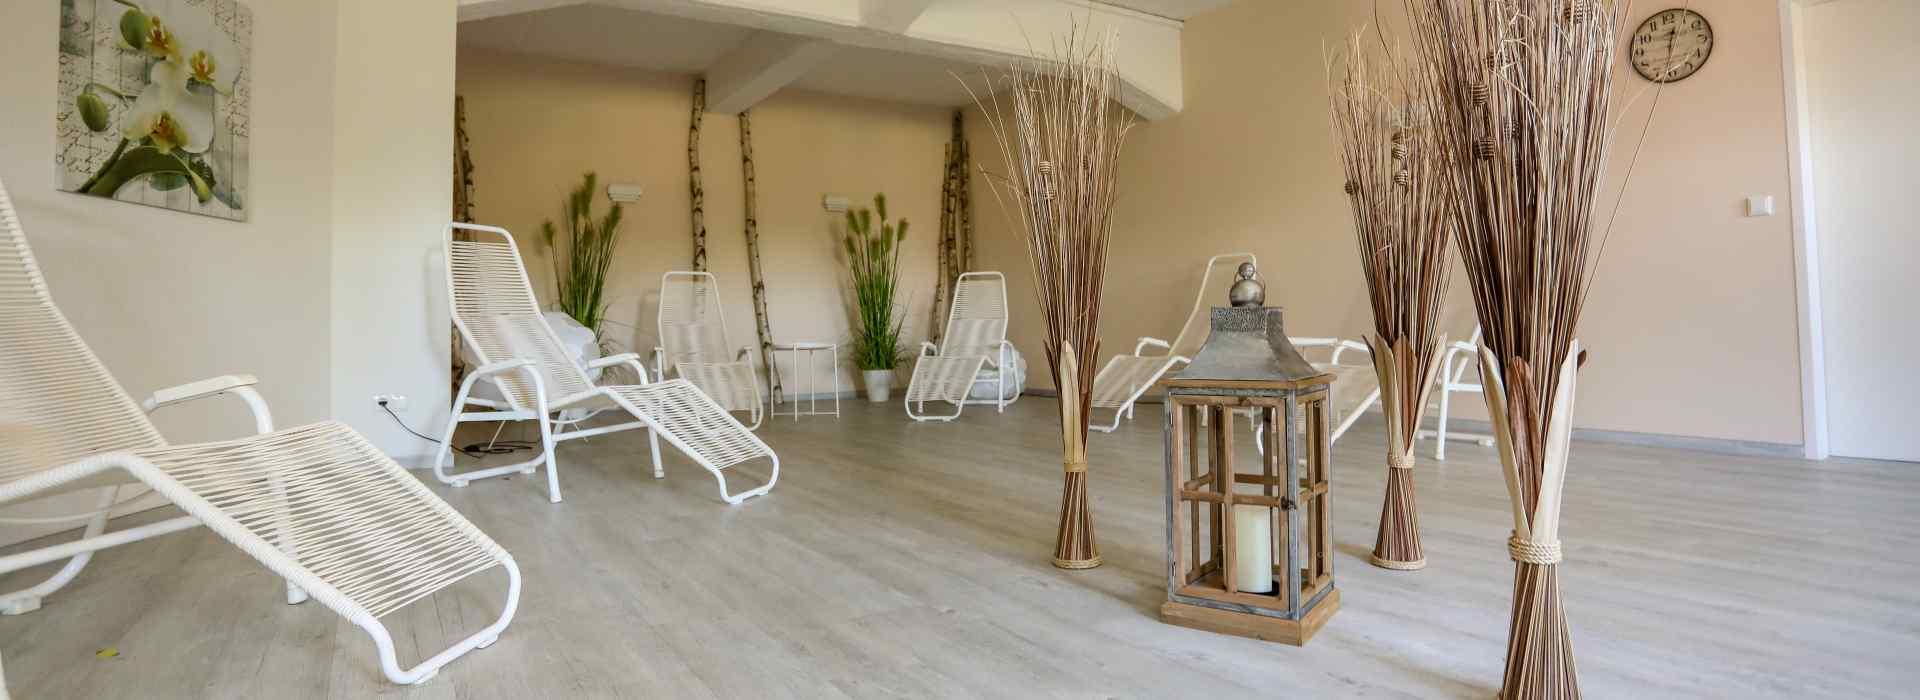 <small>Entspannung pur im</small>Wellnessbereich mit Sauna